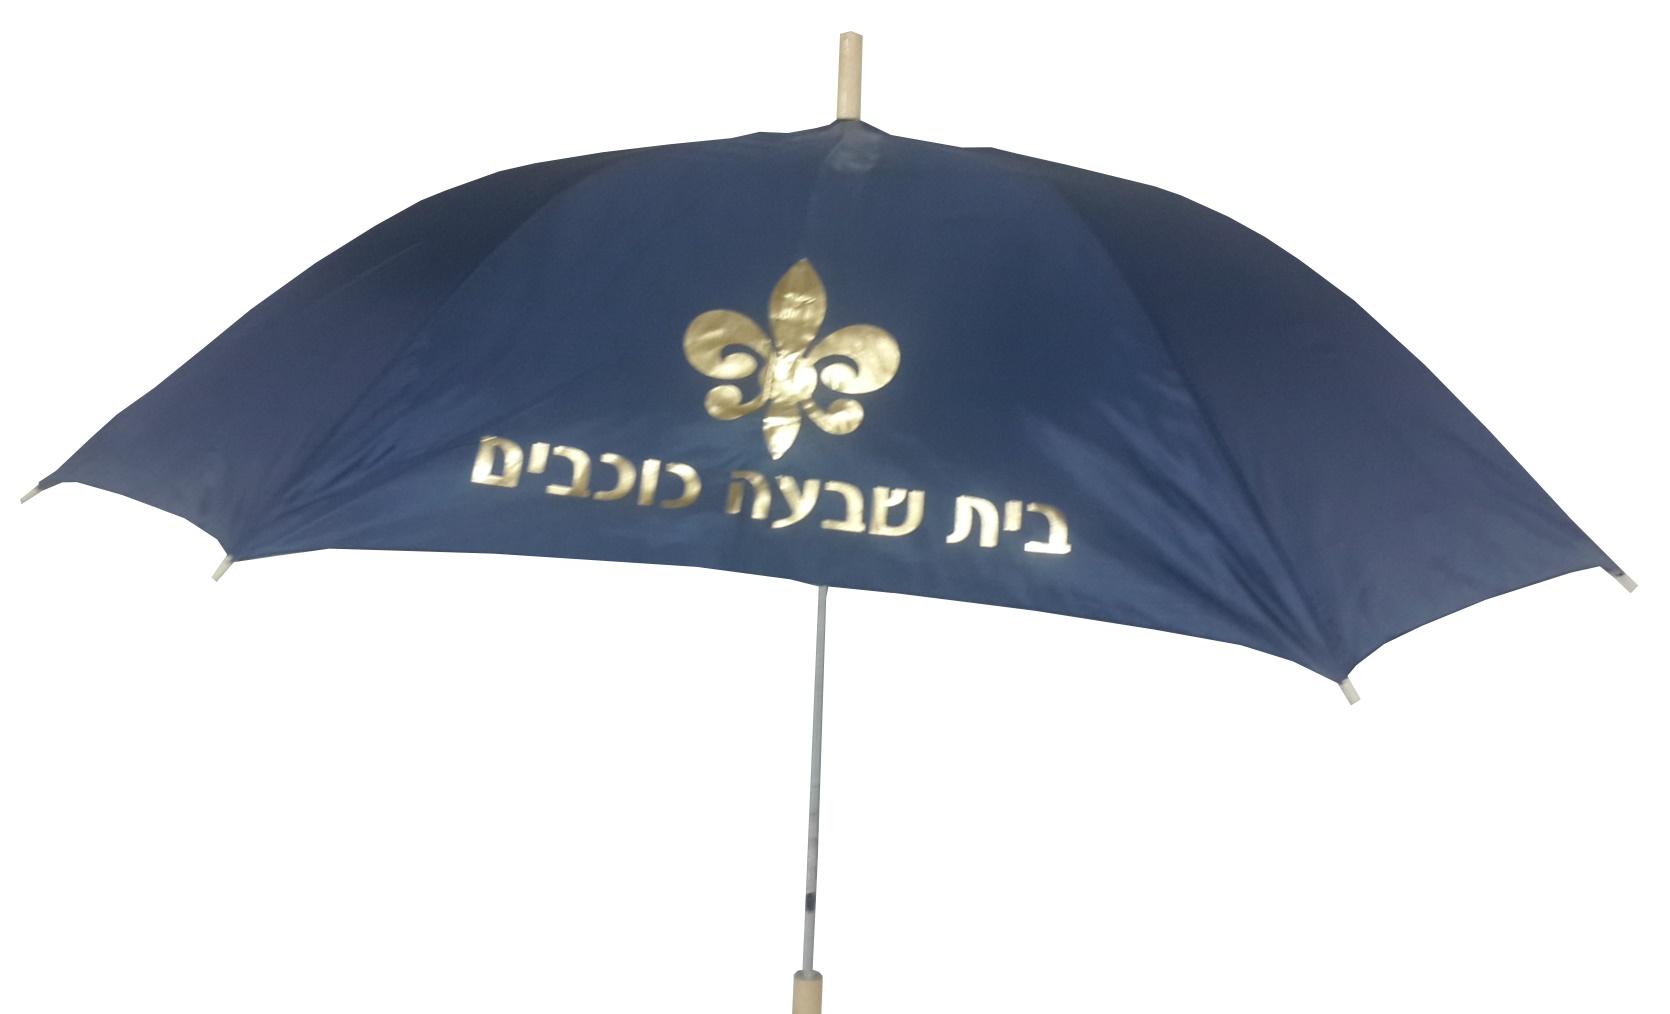 הדפס בזהב מבריק על מטריות